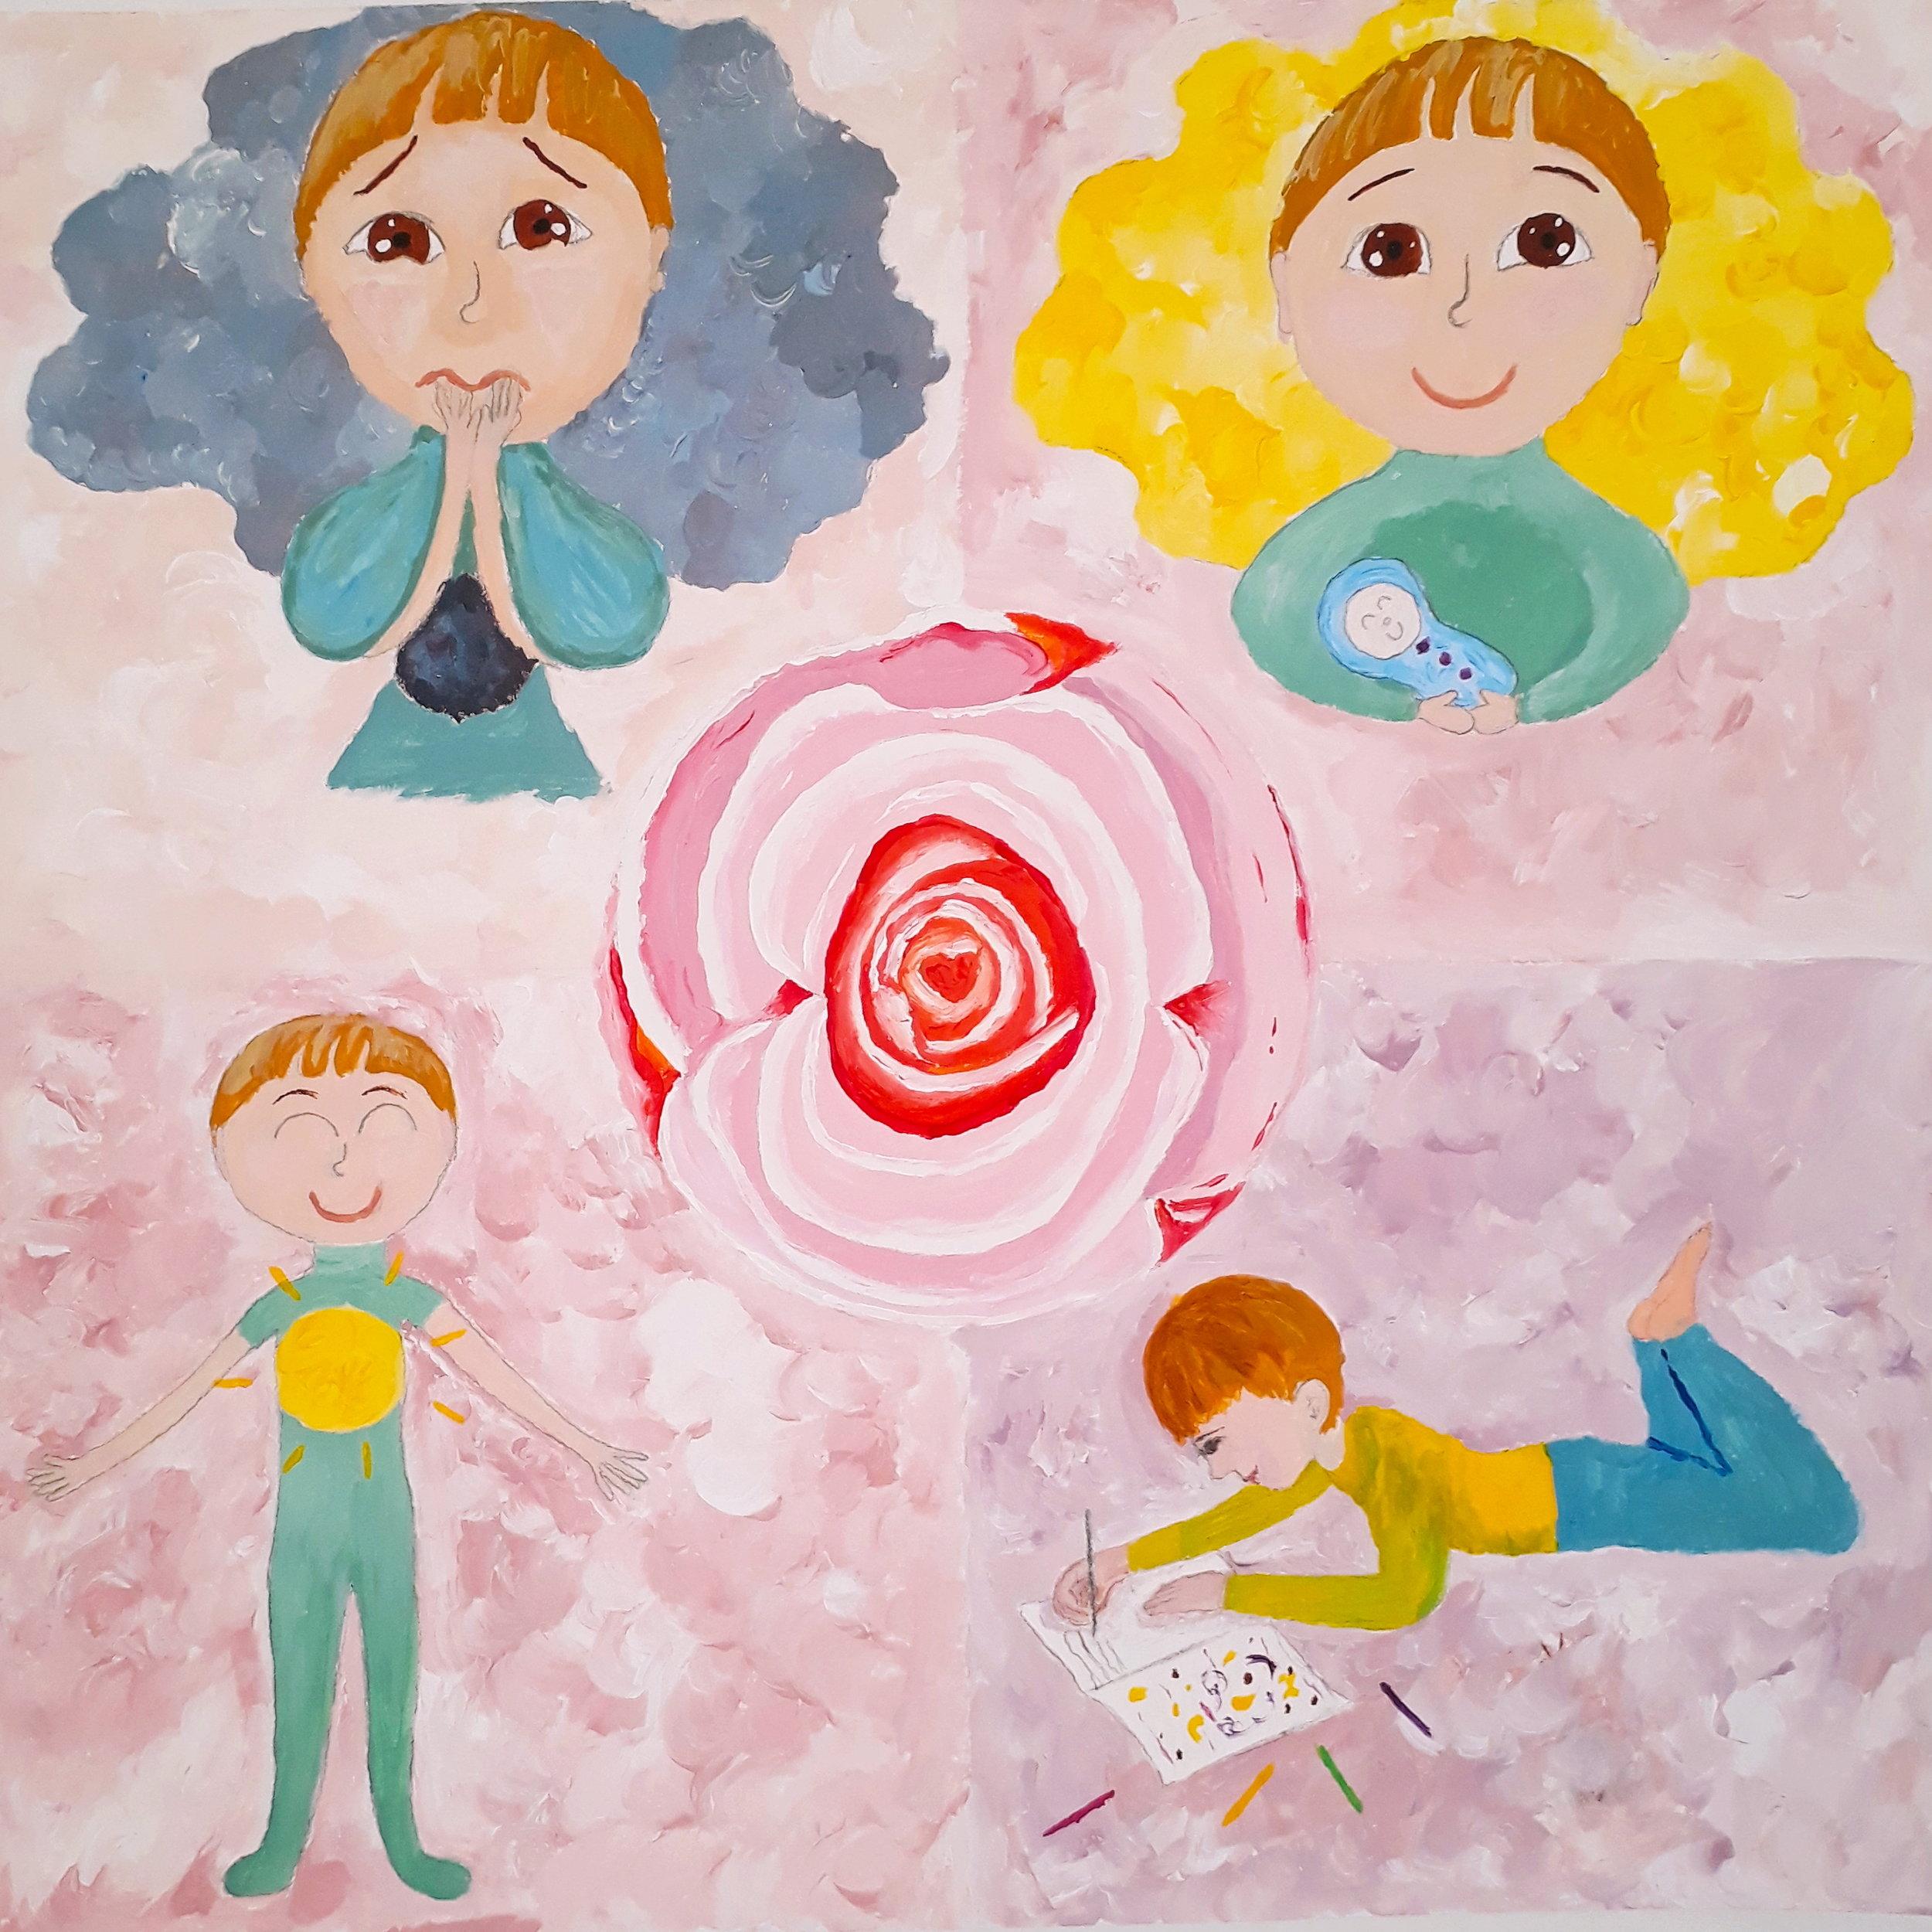 Gérer les émotions de son enfant